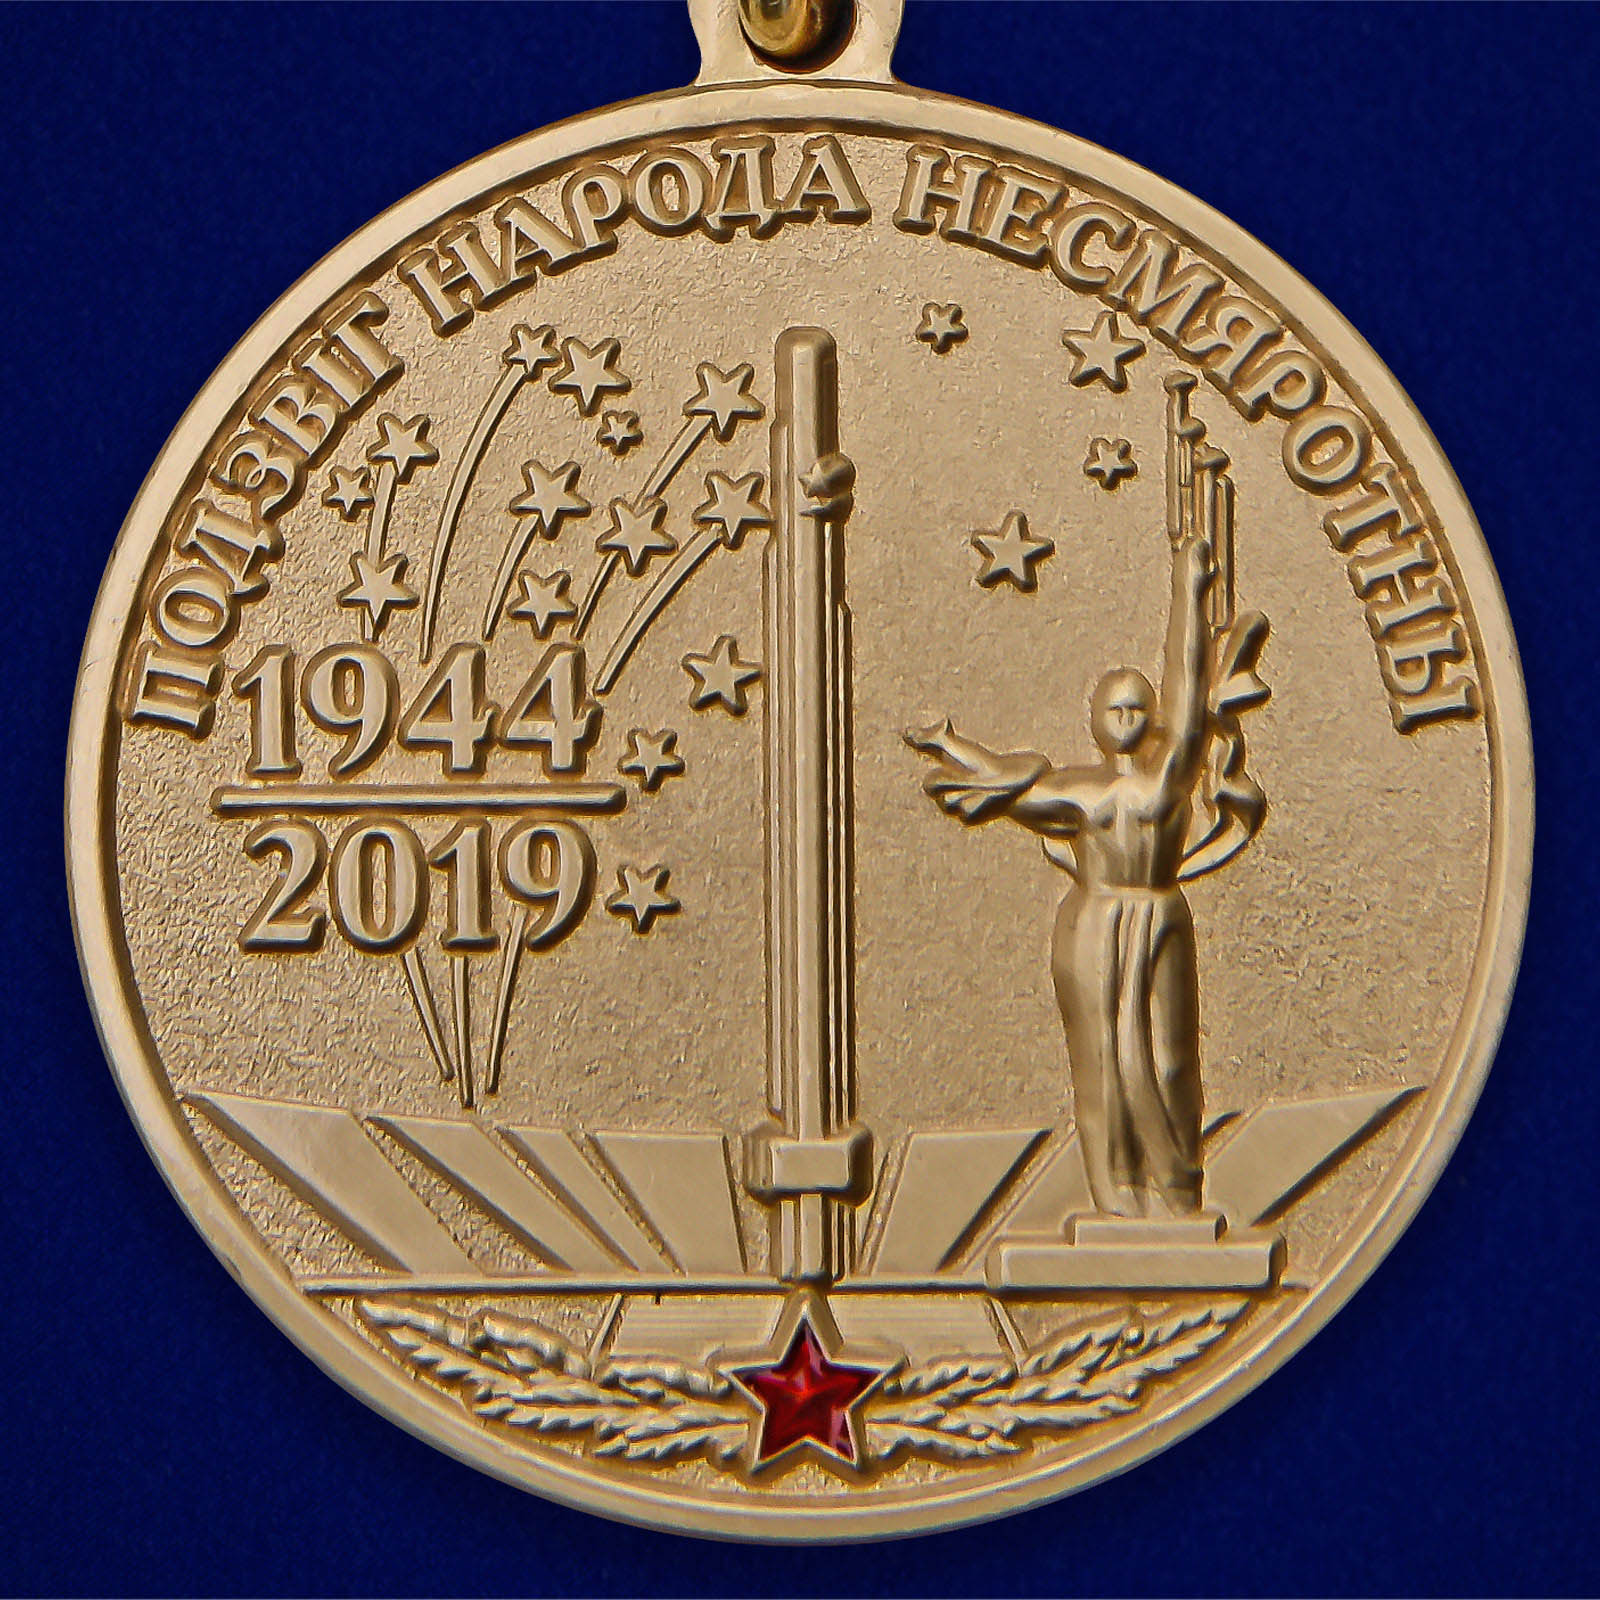 Латунная медаль 75 лет освобождения Беларуси от немецко-фашистских захватчиков